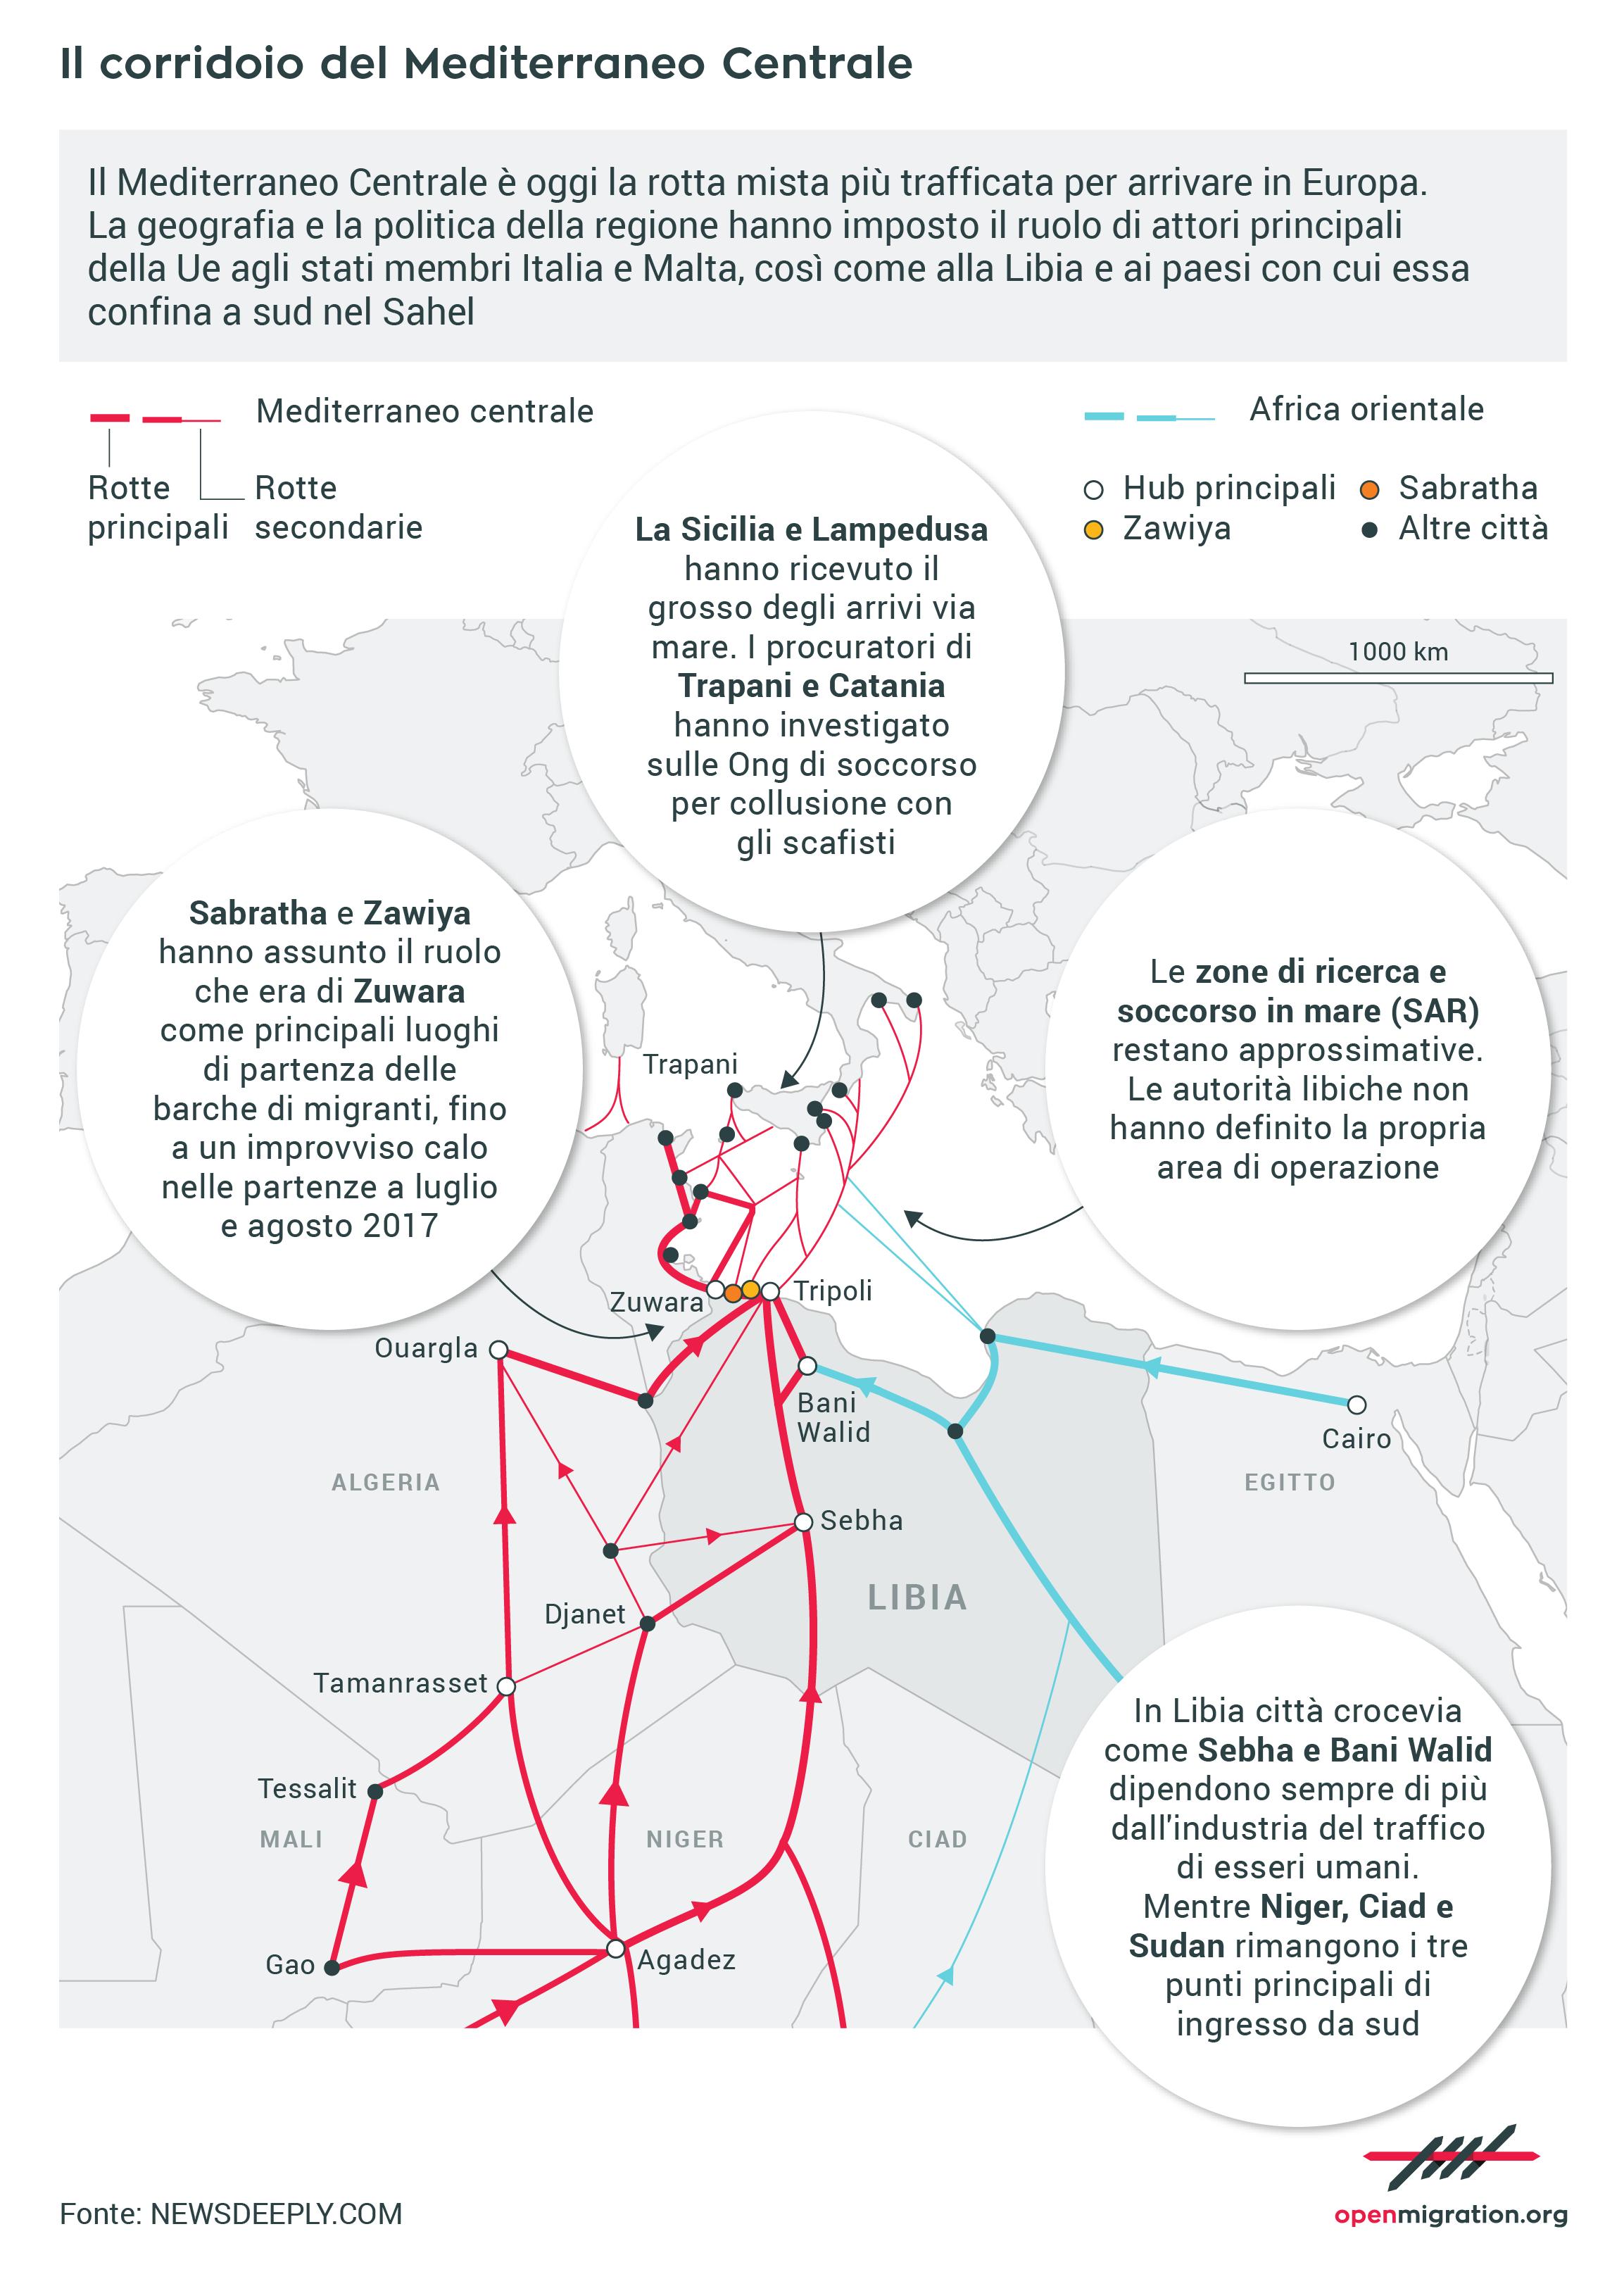 La rotta mediterranea centrale